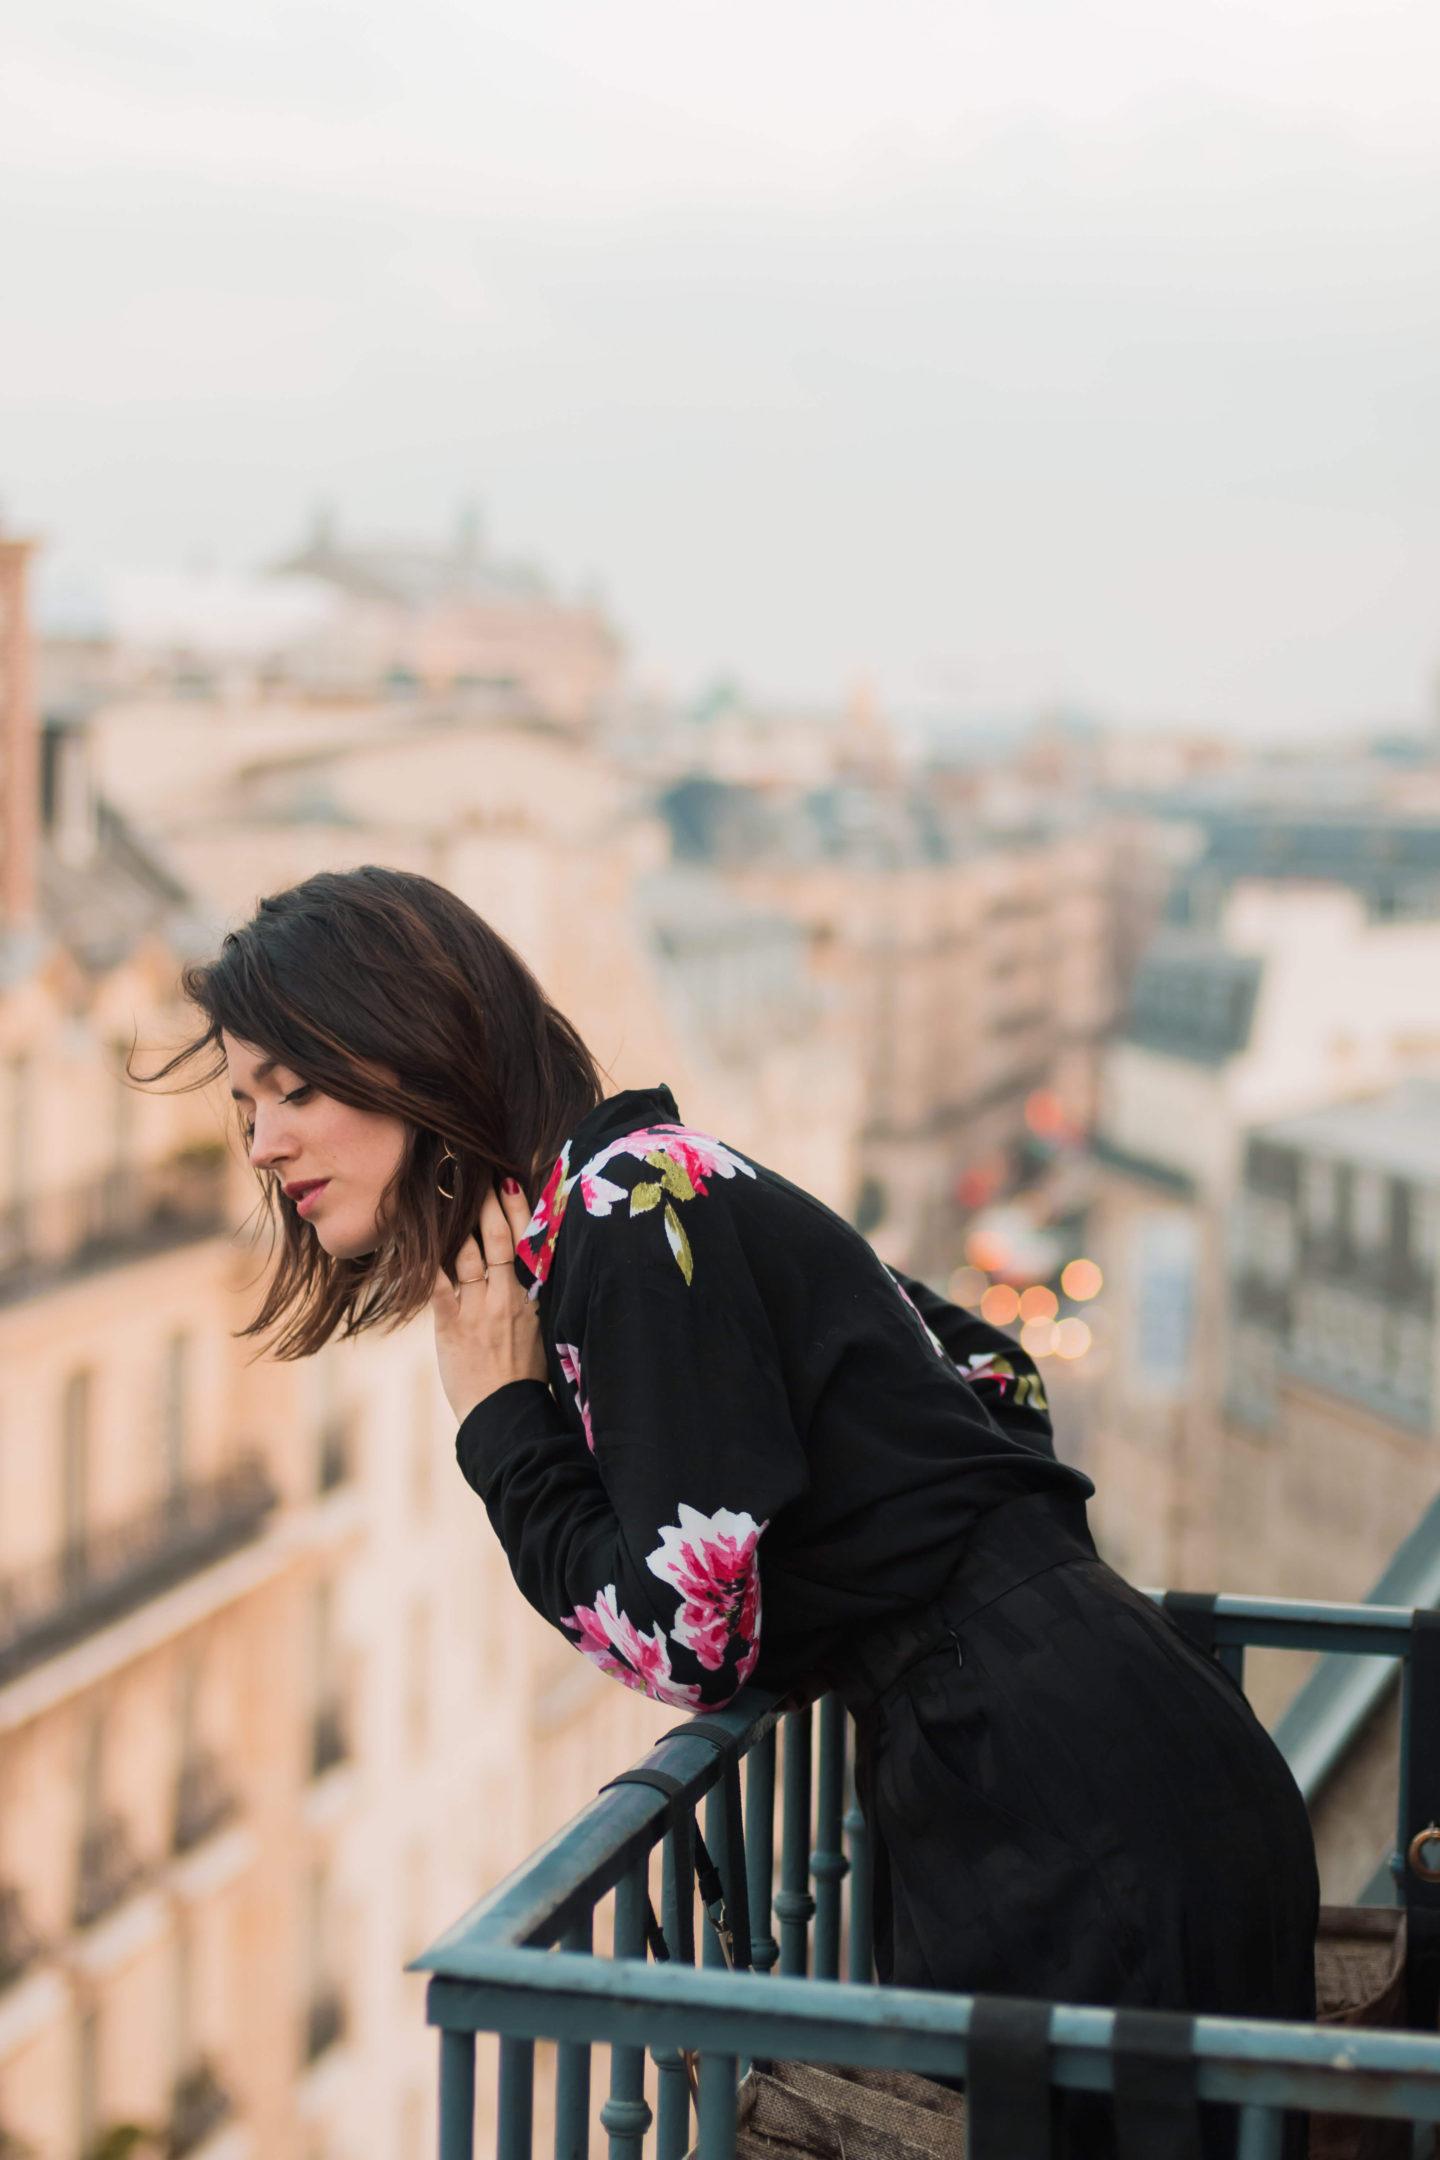 & other stories in Paris l'atelier d'al blog mode fashion lifestyle